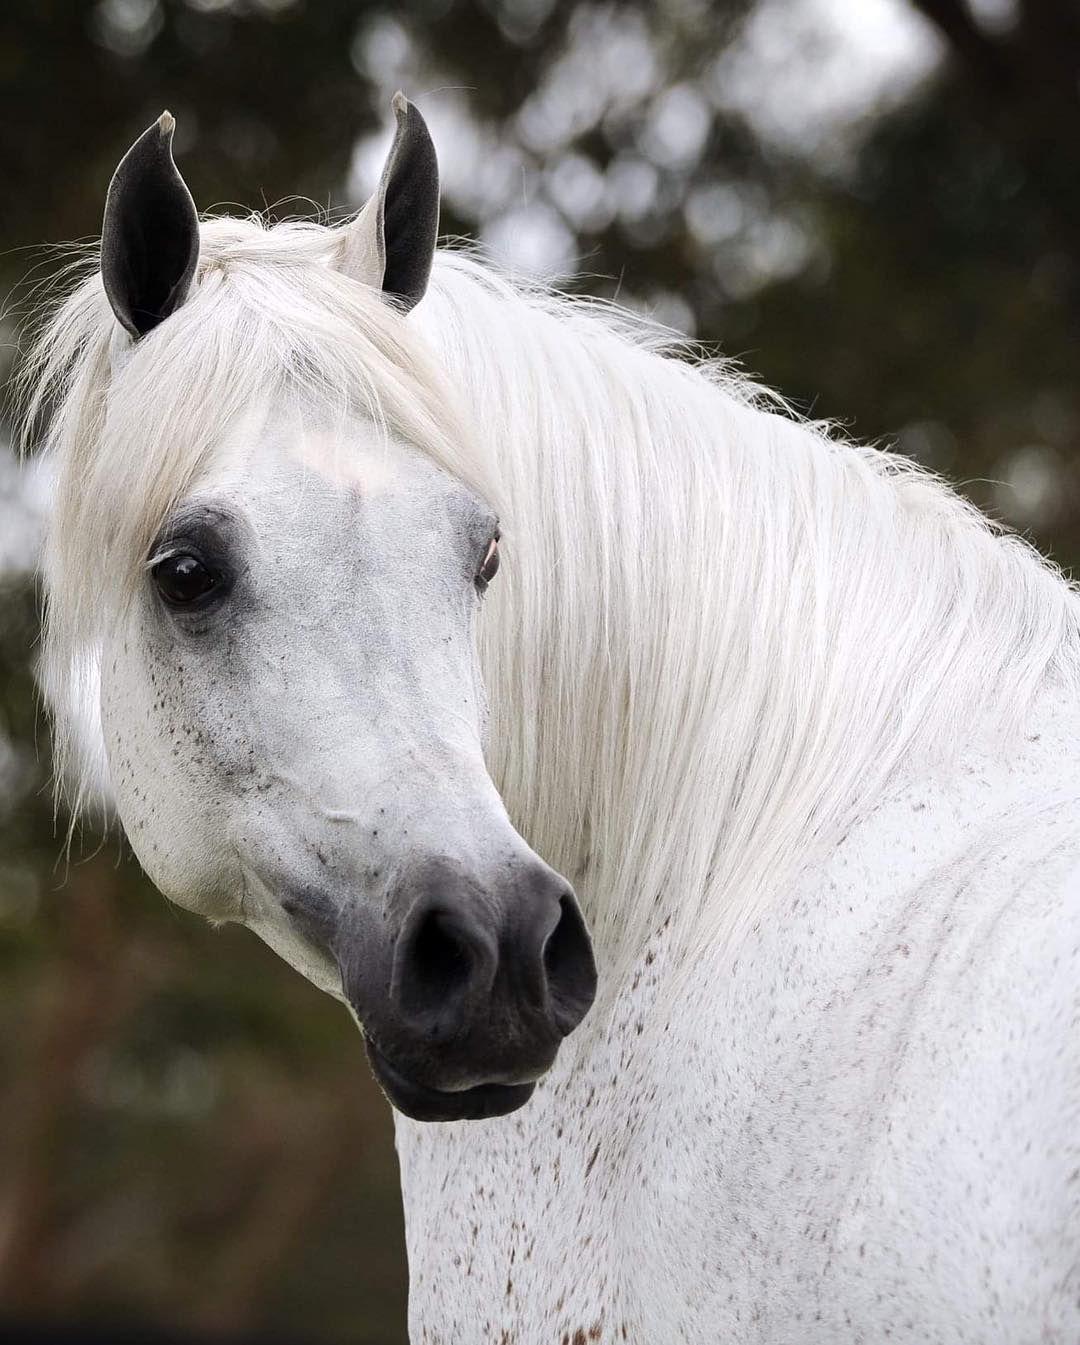 موضوع اليوم هو صور لألتفاتتة الخيل و جمال الالتقاطه Horses Instagram Posts Instagram